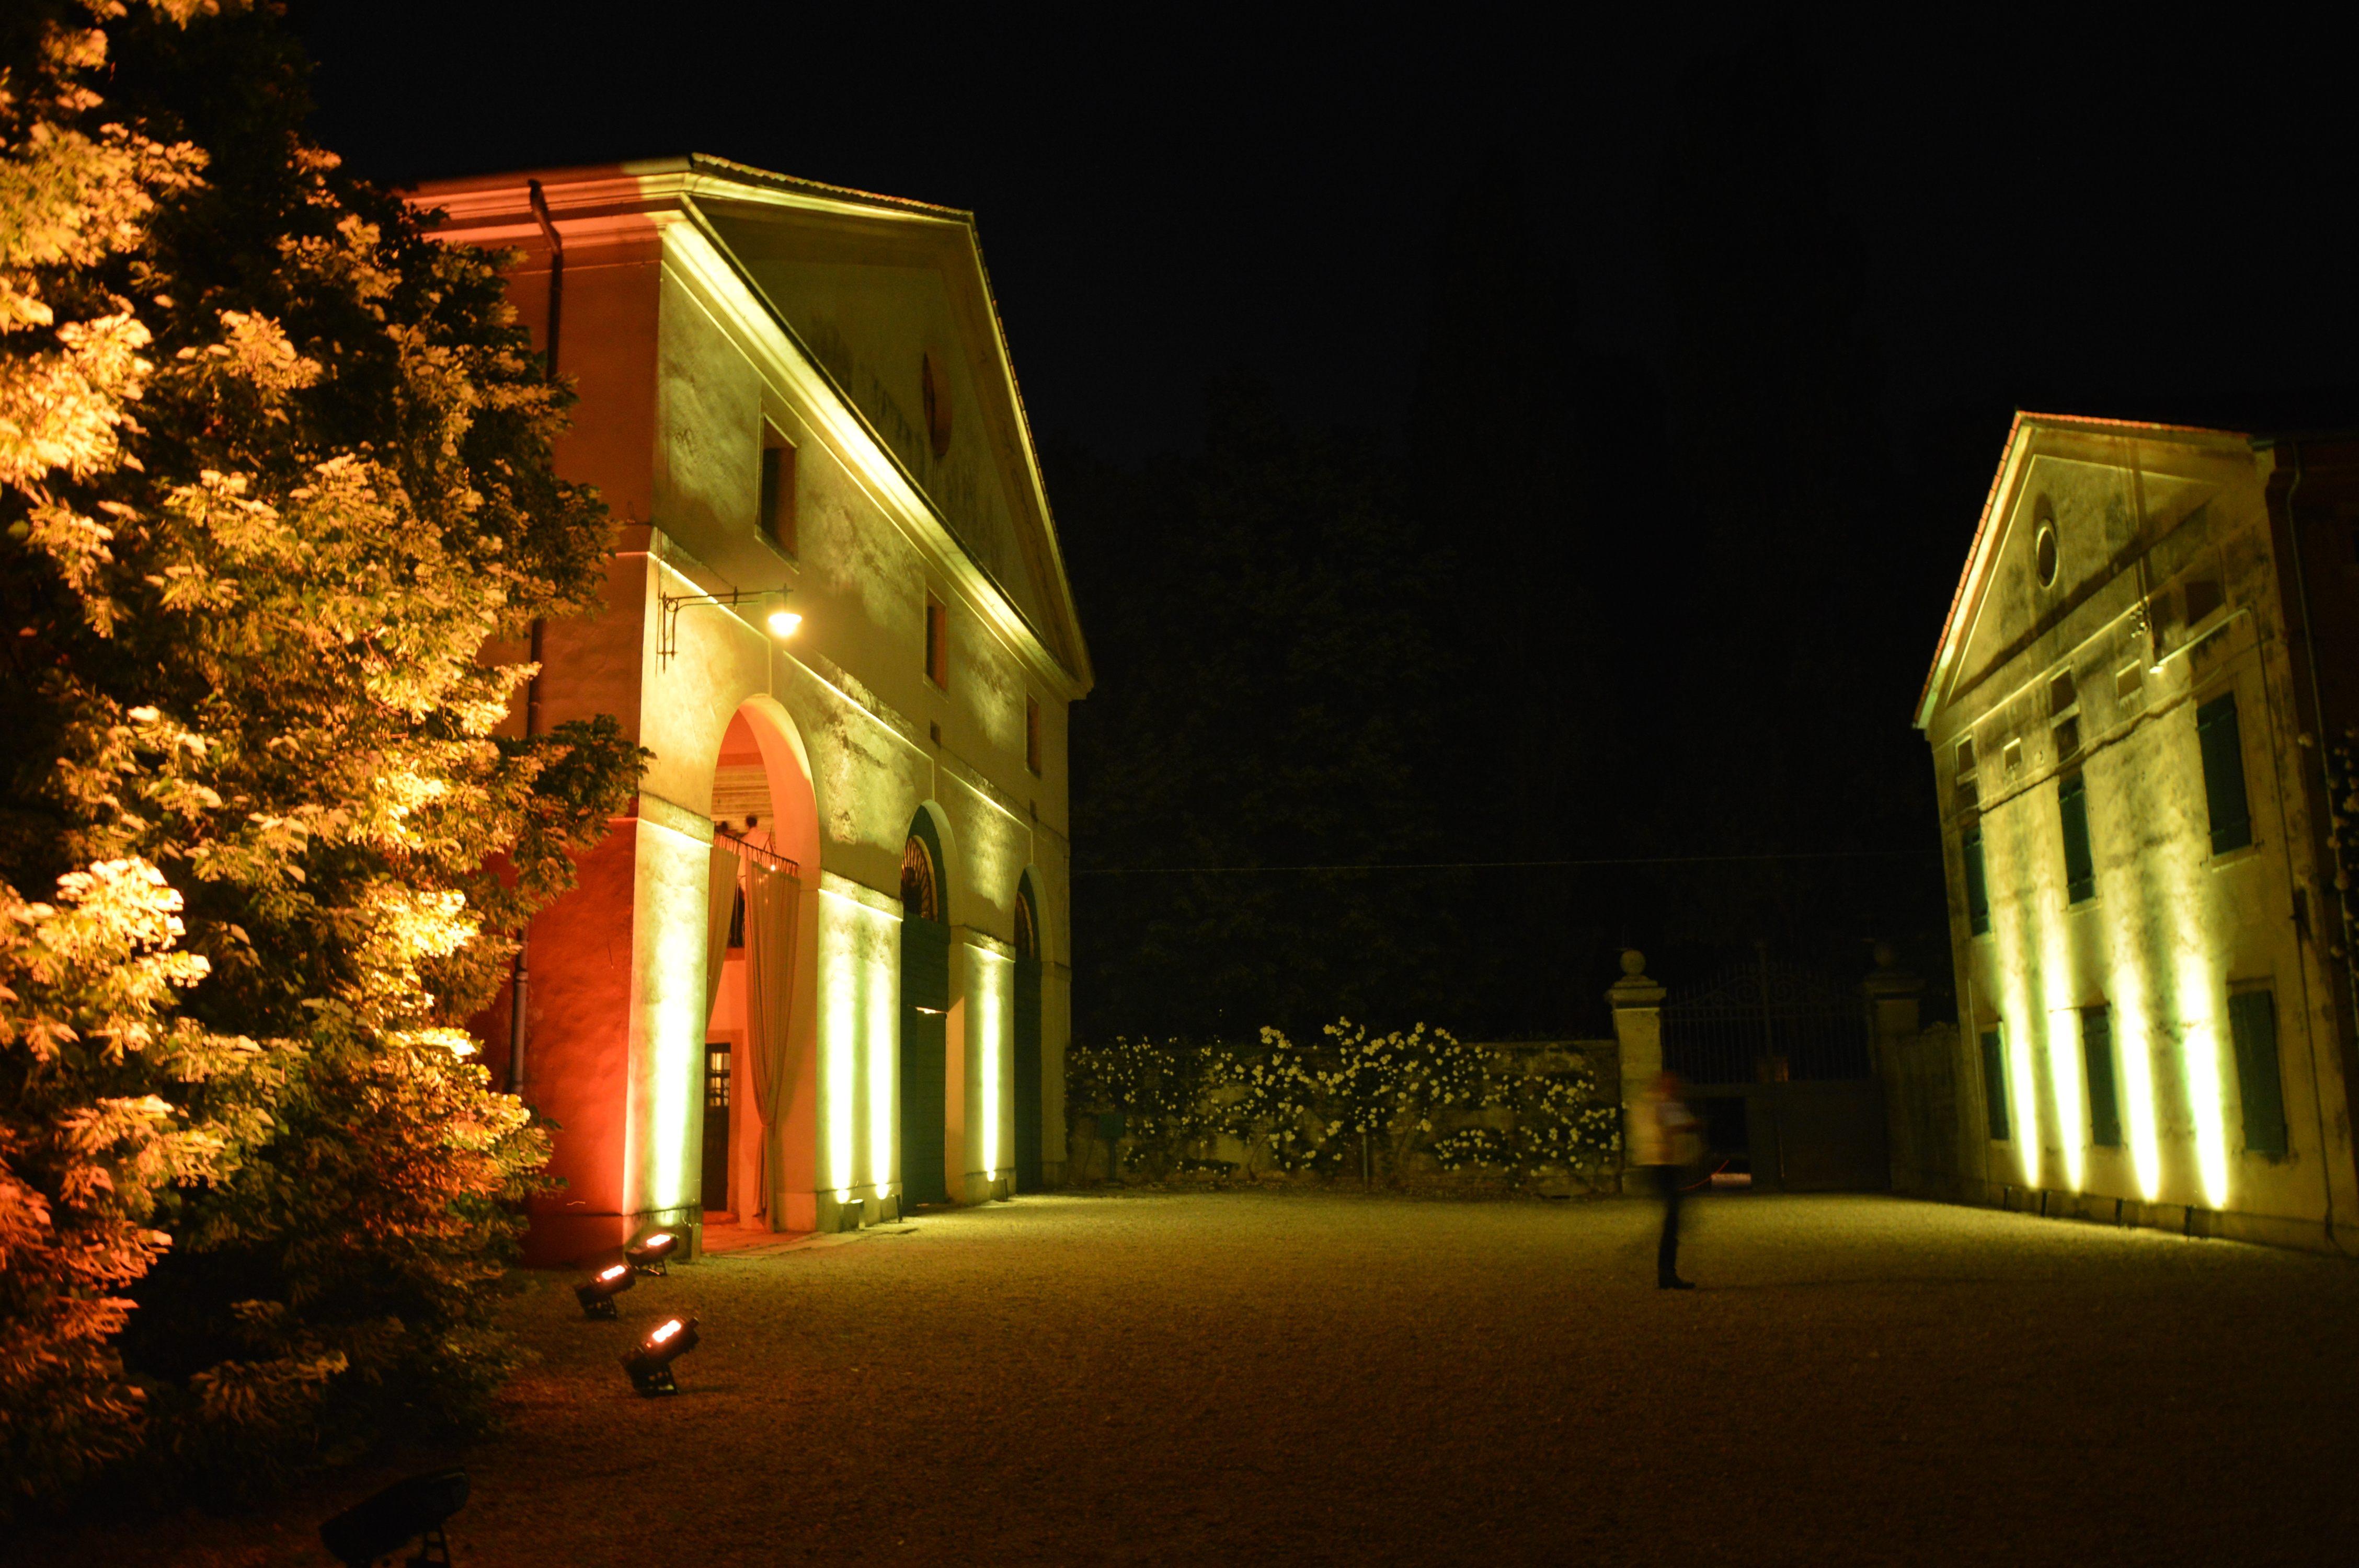 Villa brandolini dadda illuminata da tondello tecnologie tondello